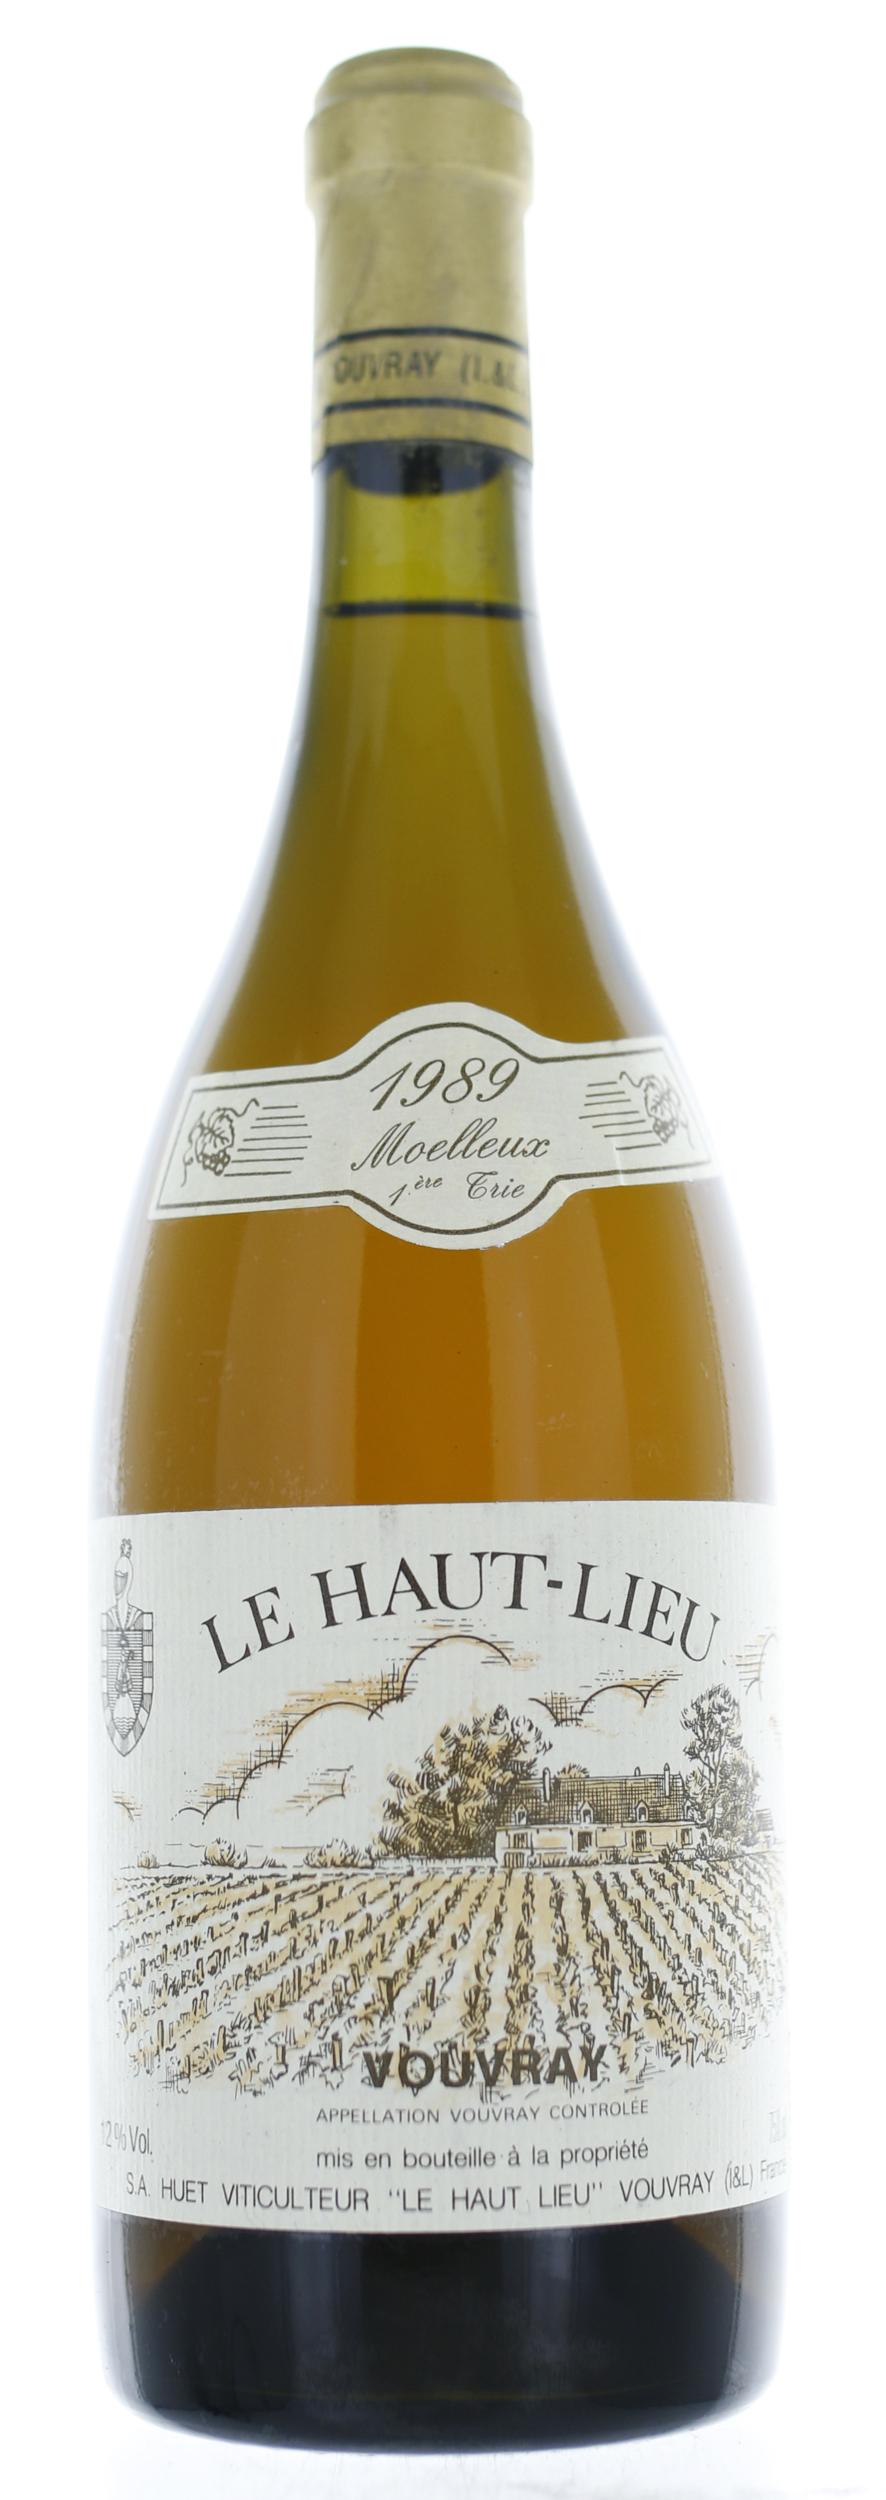 Vouvray - Le Haut-Lieu - Moelleux 1er Trie - 1989